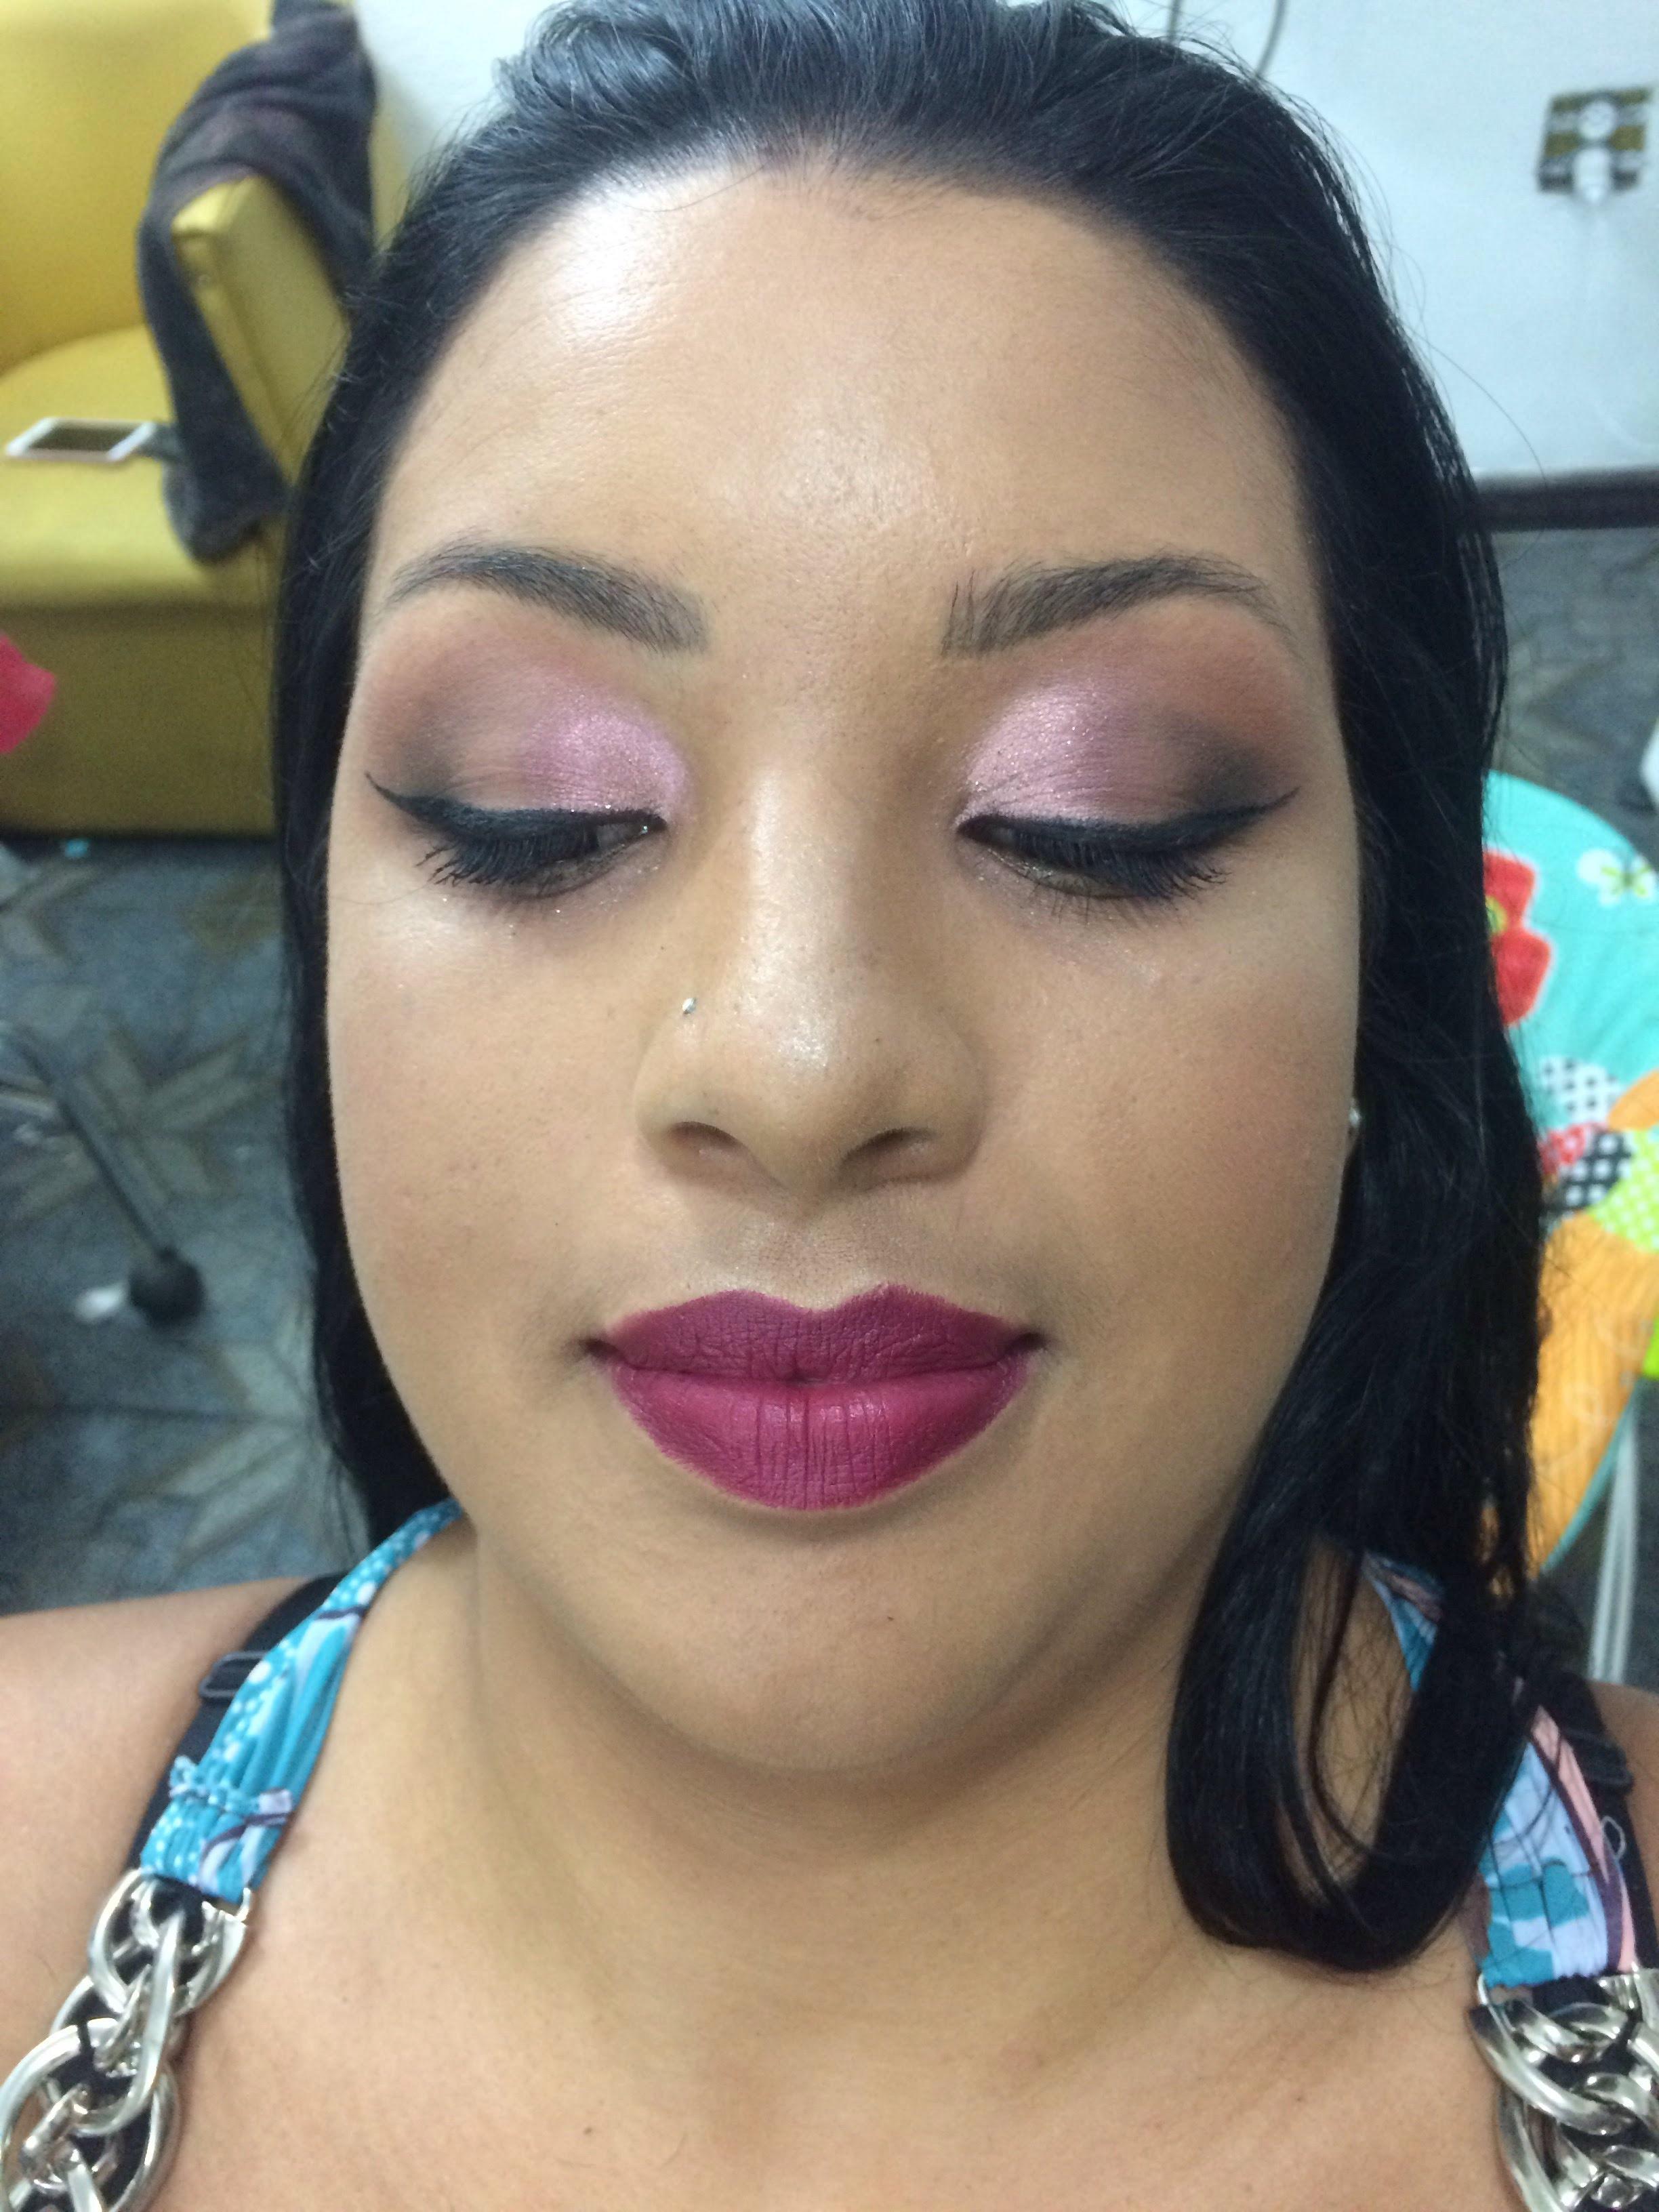 Malé madrinha #make #madrinha #makeup maquiagem manicure e pedicure maquiador(a) stylist / visagista cabeleireiro(a) docente / professor(a)